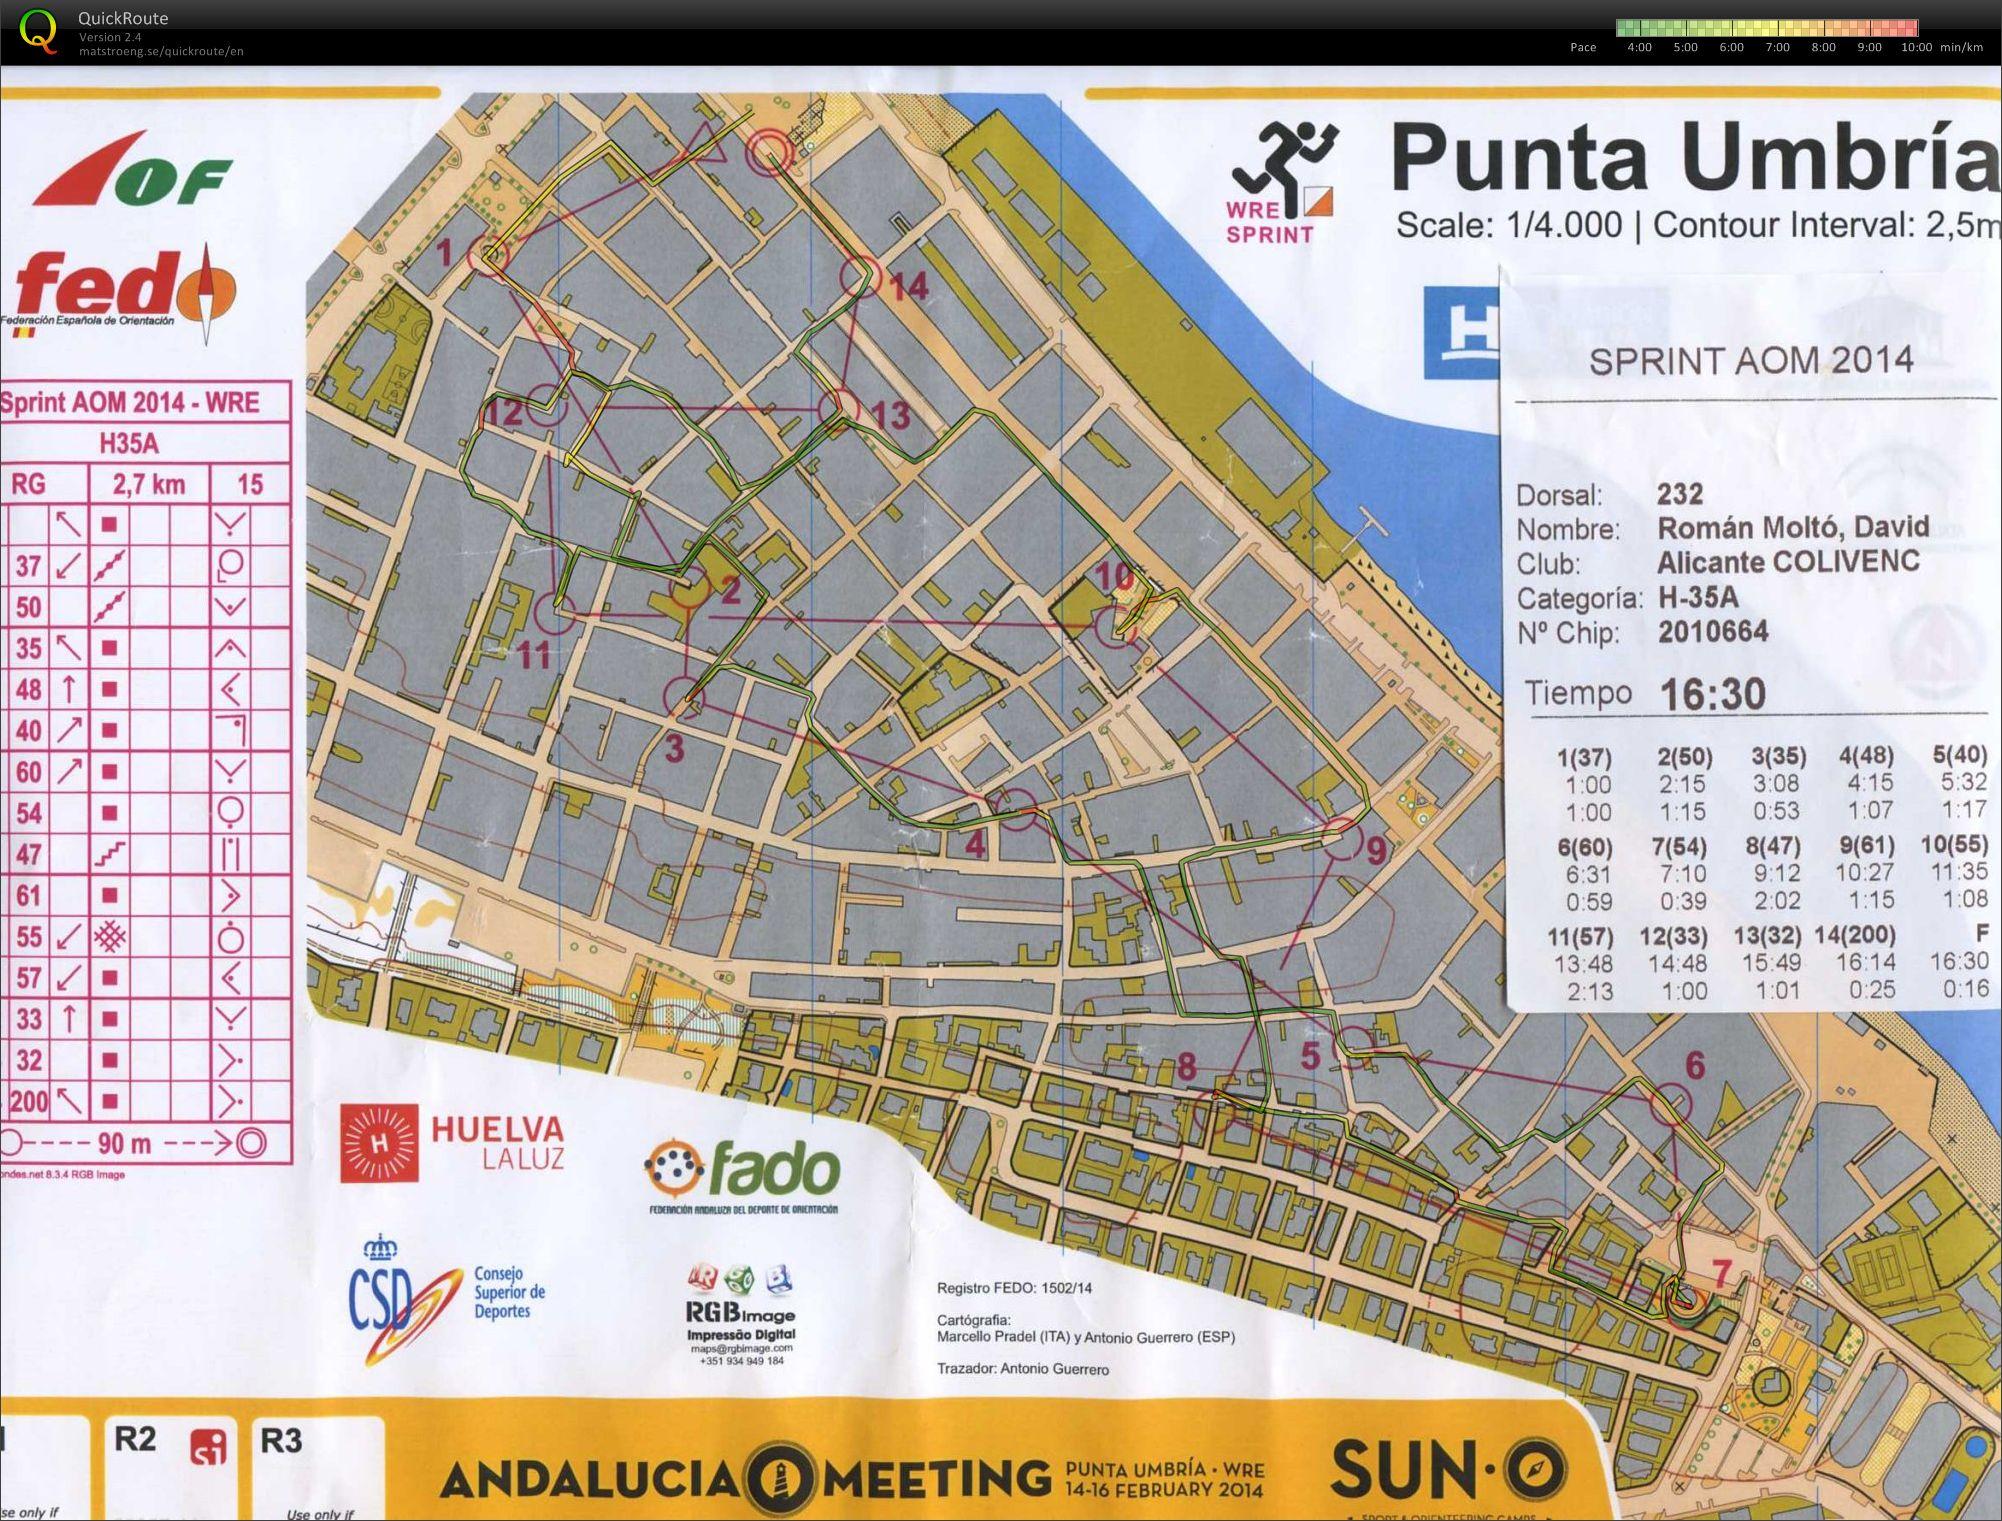 punta umbria mapa David Román (CE Colivenc): 2ª LEO   Sprint   Punta Umbría (Huelva  punta umbria mapa